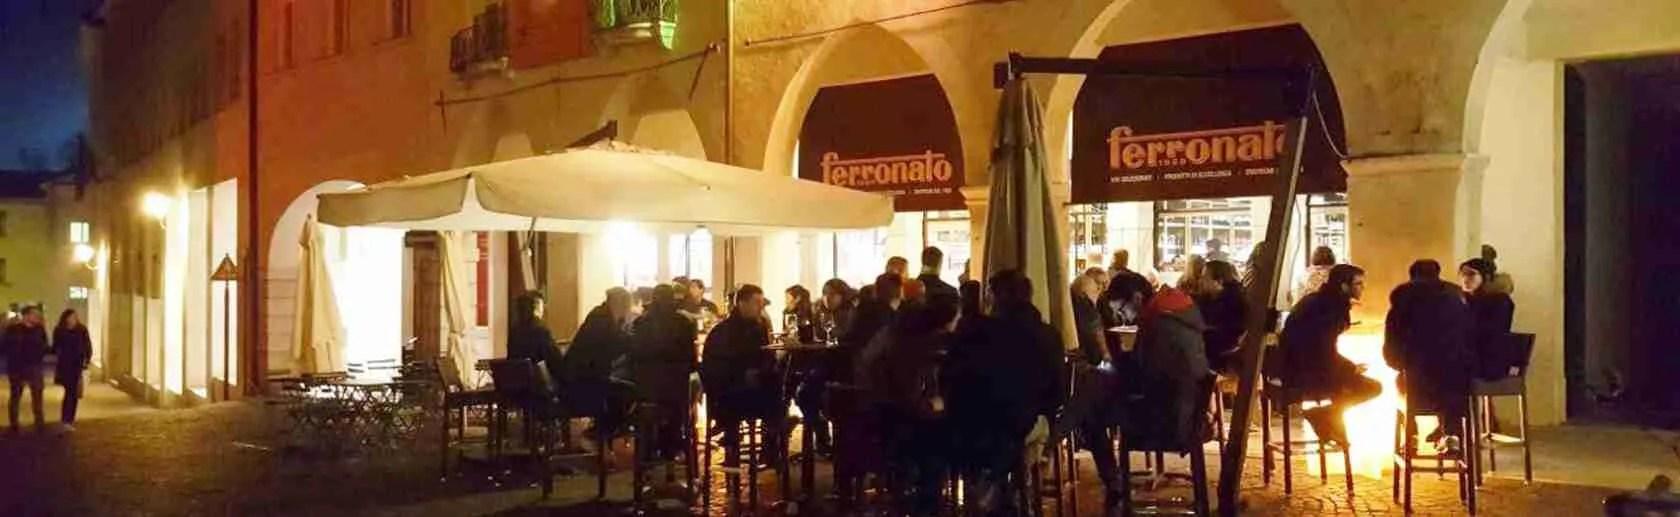 Tanti i locali in centro storico a Pordenone. Luoghi ideali per un aperitivo con una escort Pordenone. Magica Escort